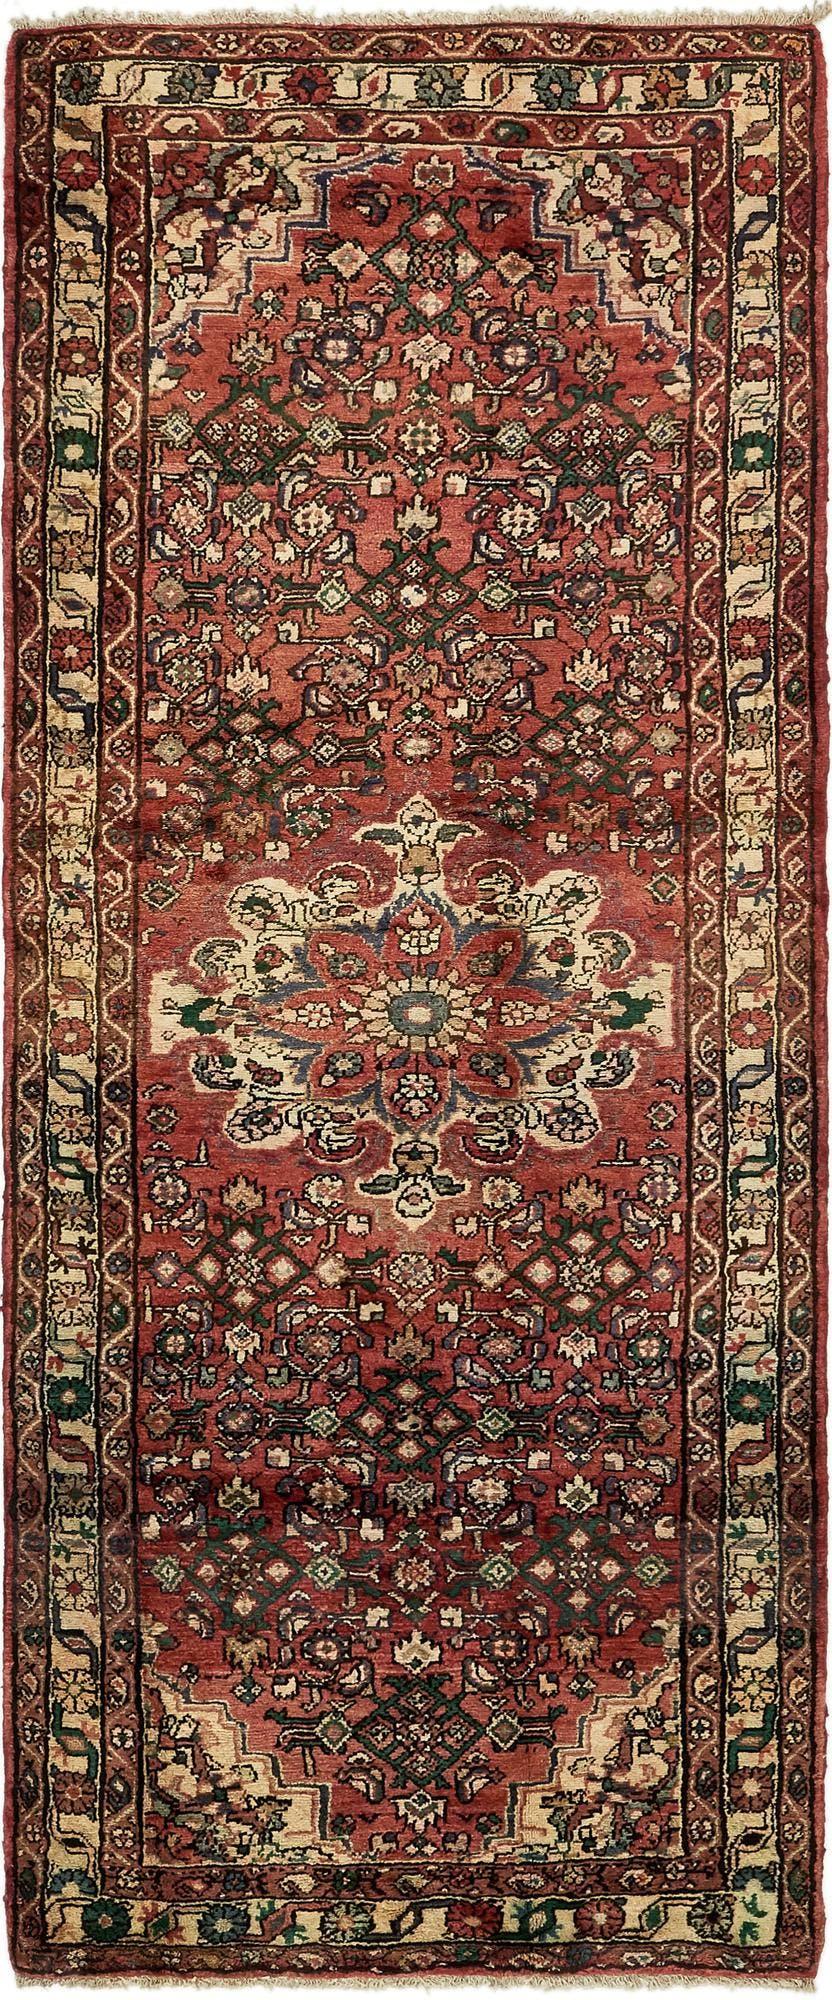 4' x 9' 8 Hamedan Persian Runner Rug main image